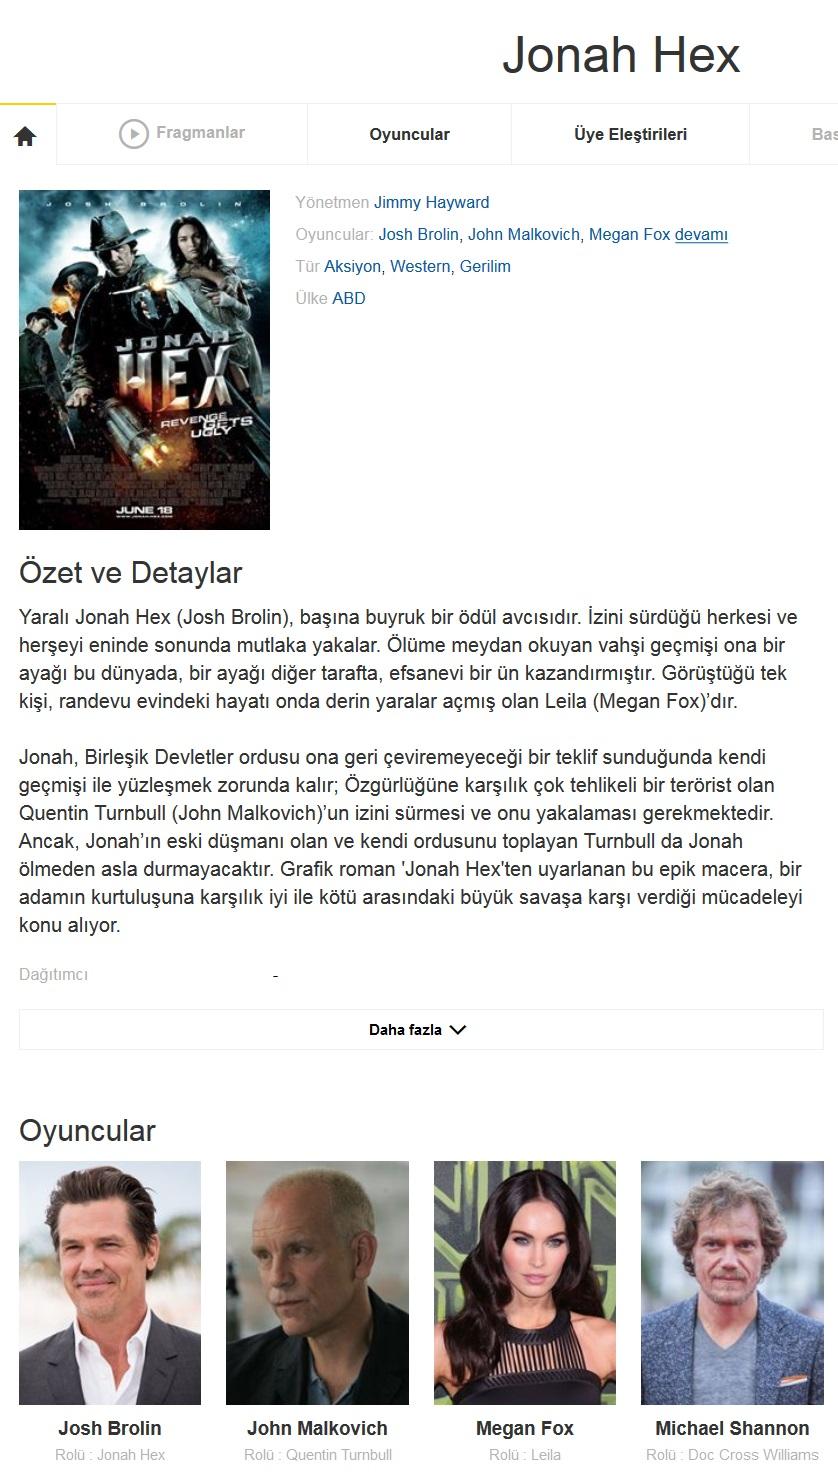 Jonah Hex 2010 - 1080p 720p 480p - Türkçe Dublaj Tek Link indir